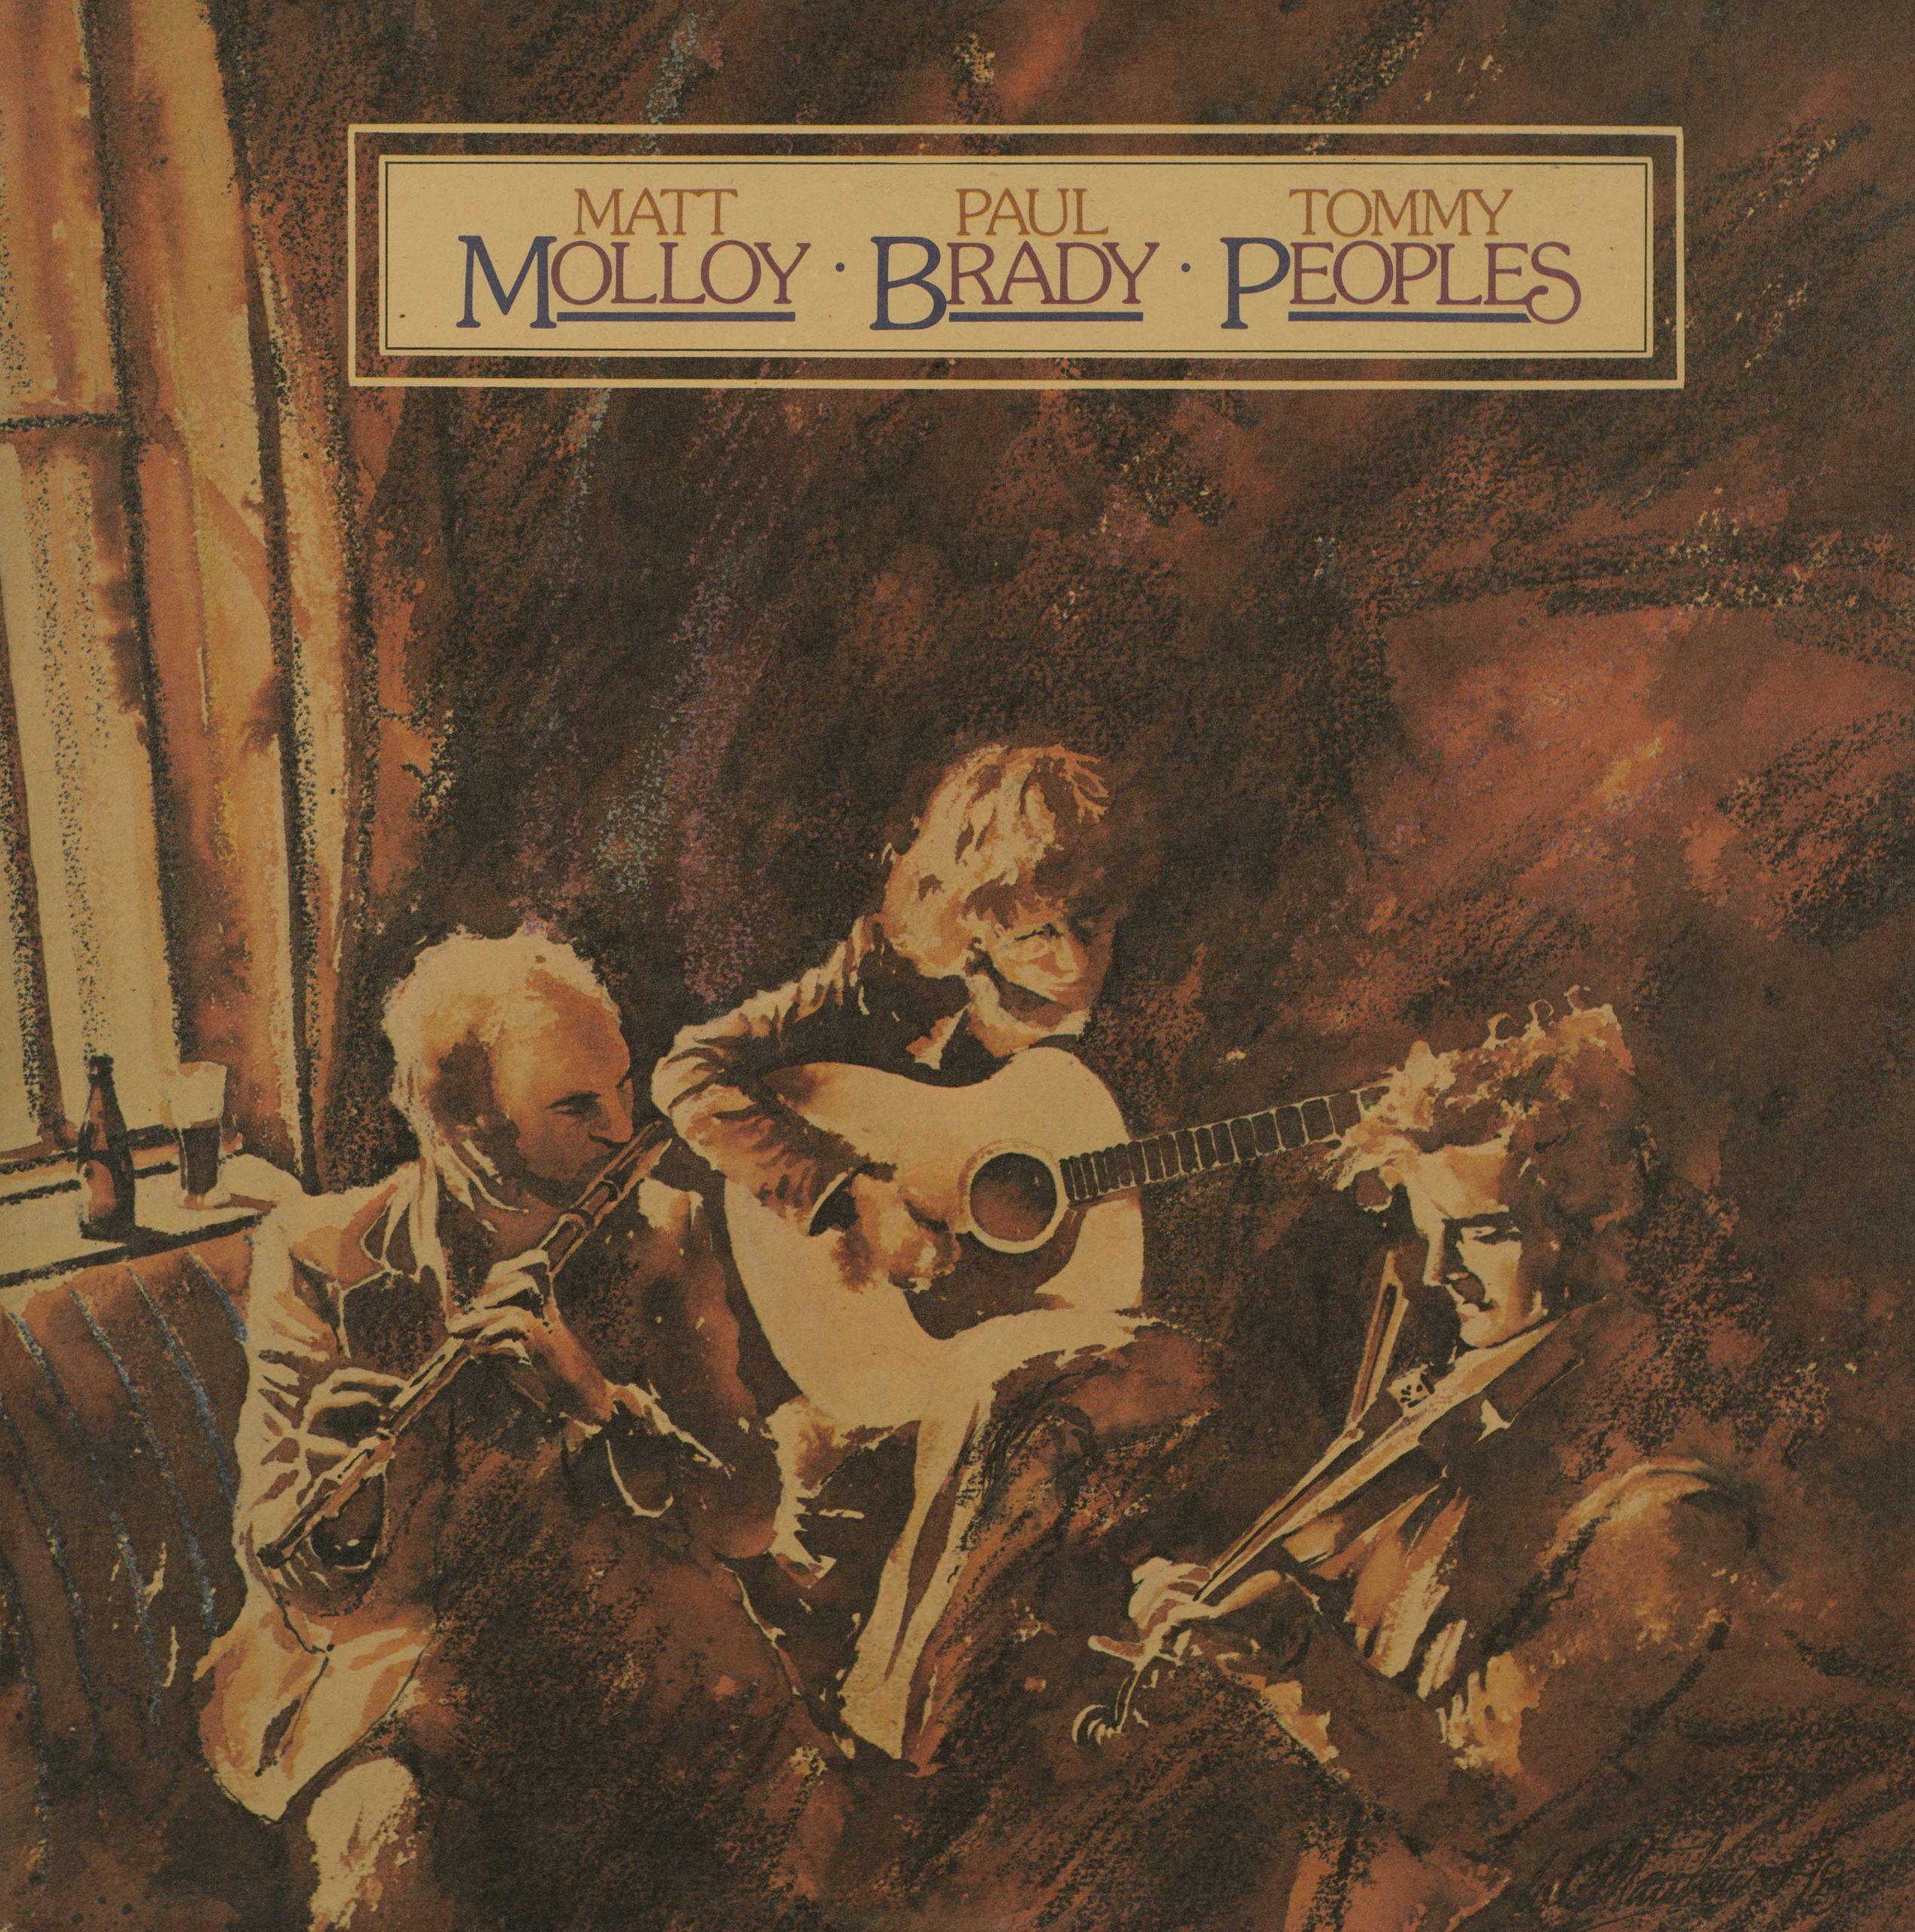 Matt Molloy | Paul Brady | Tommy Peoples